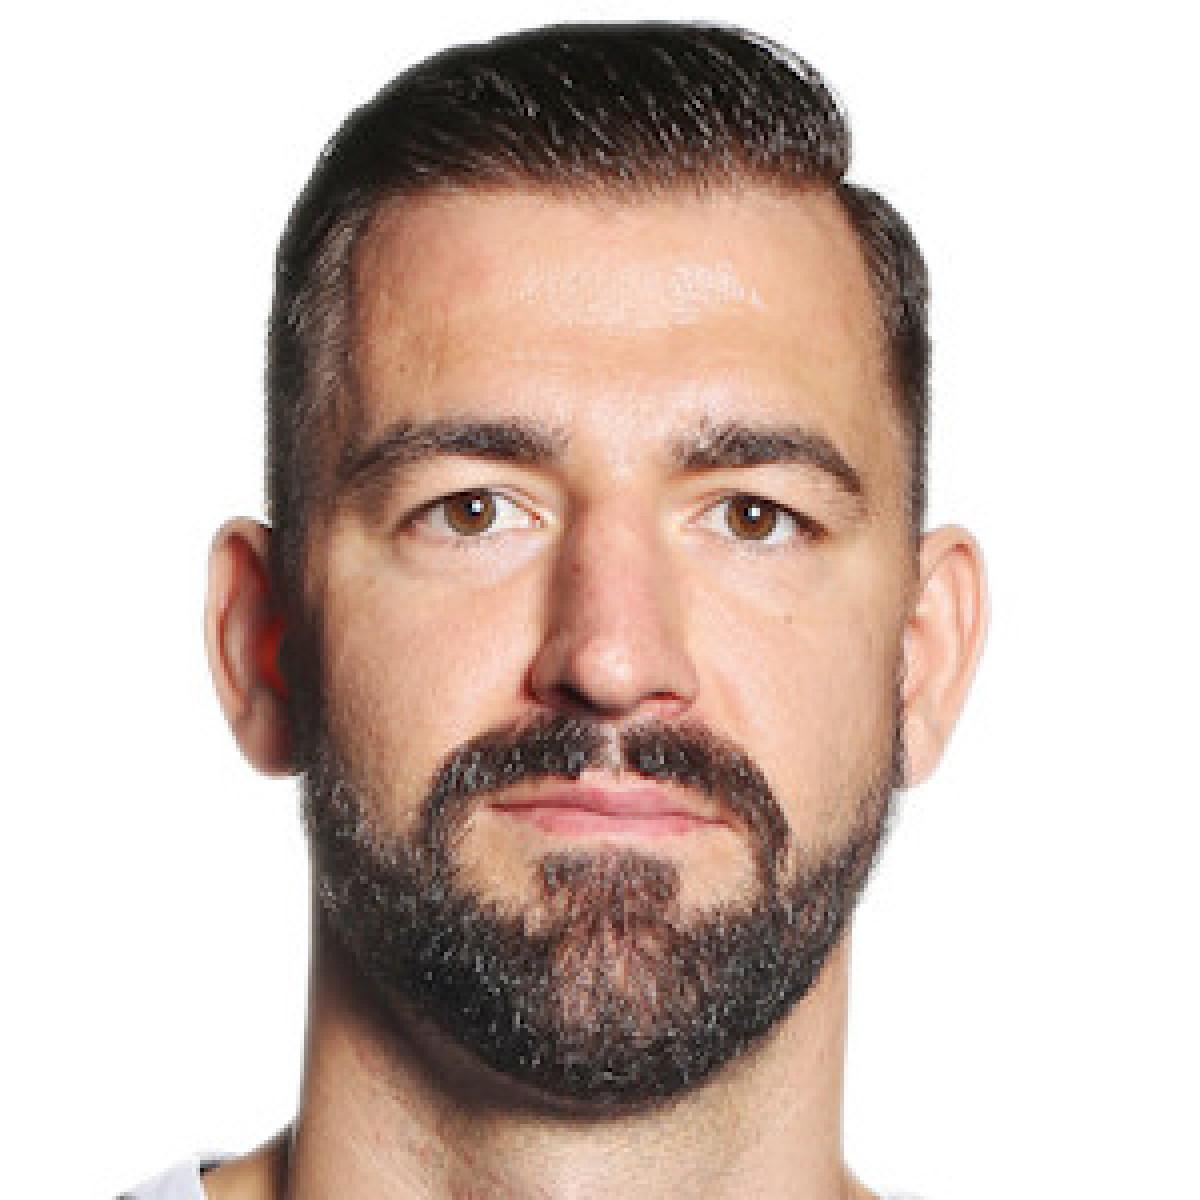 Radoslav Rancik